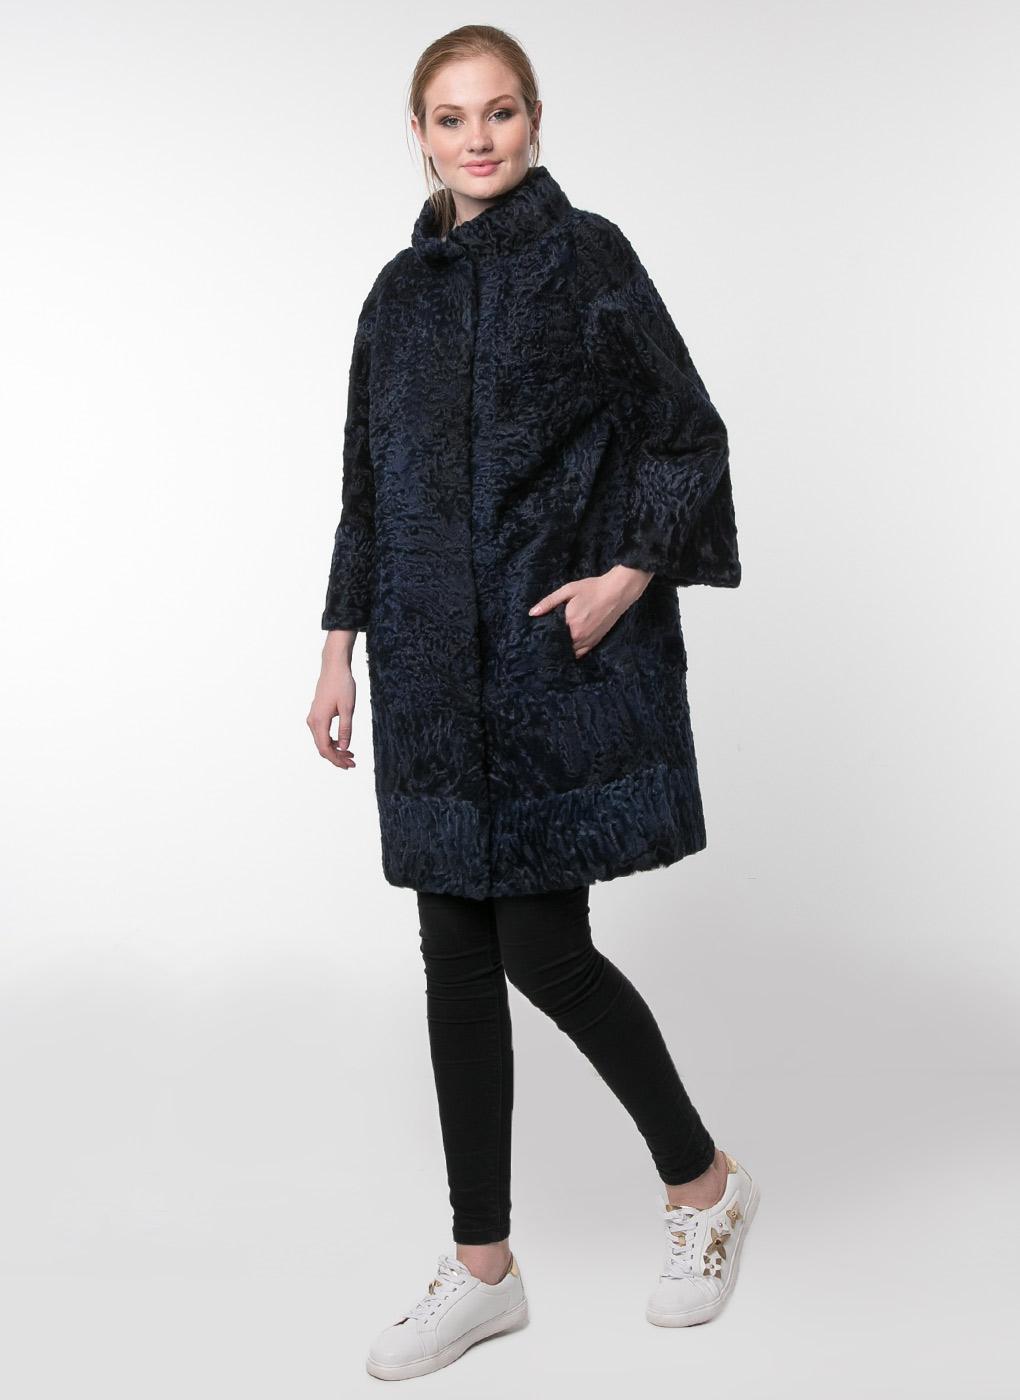 Шуба из каракуля Нигора 01, Asian Furs фото